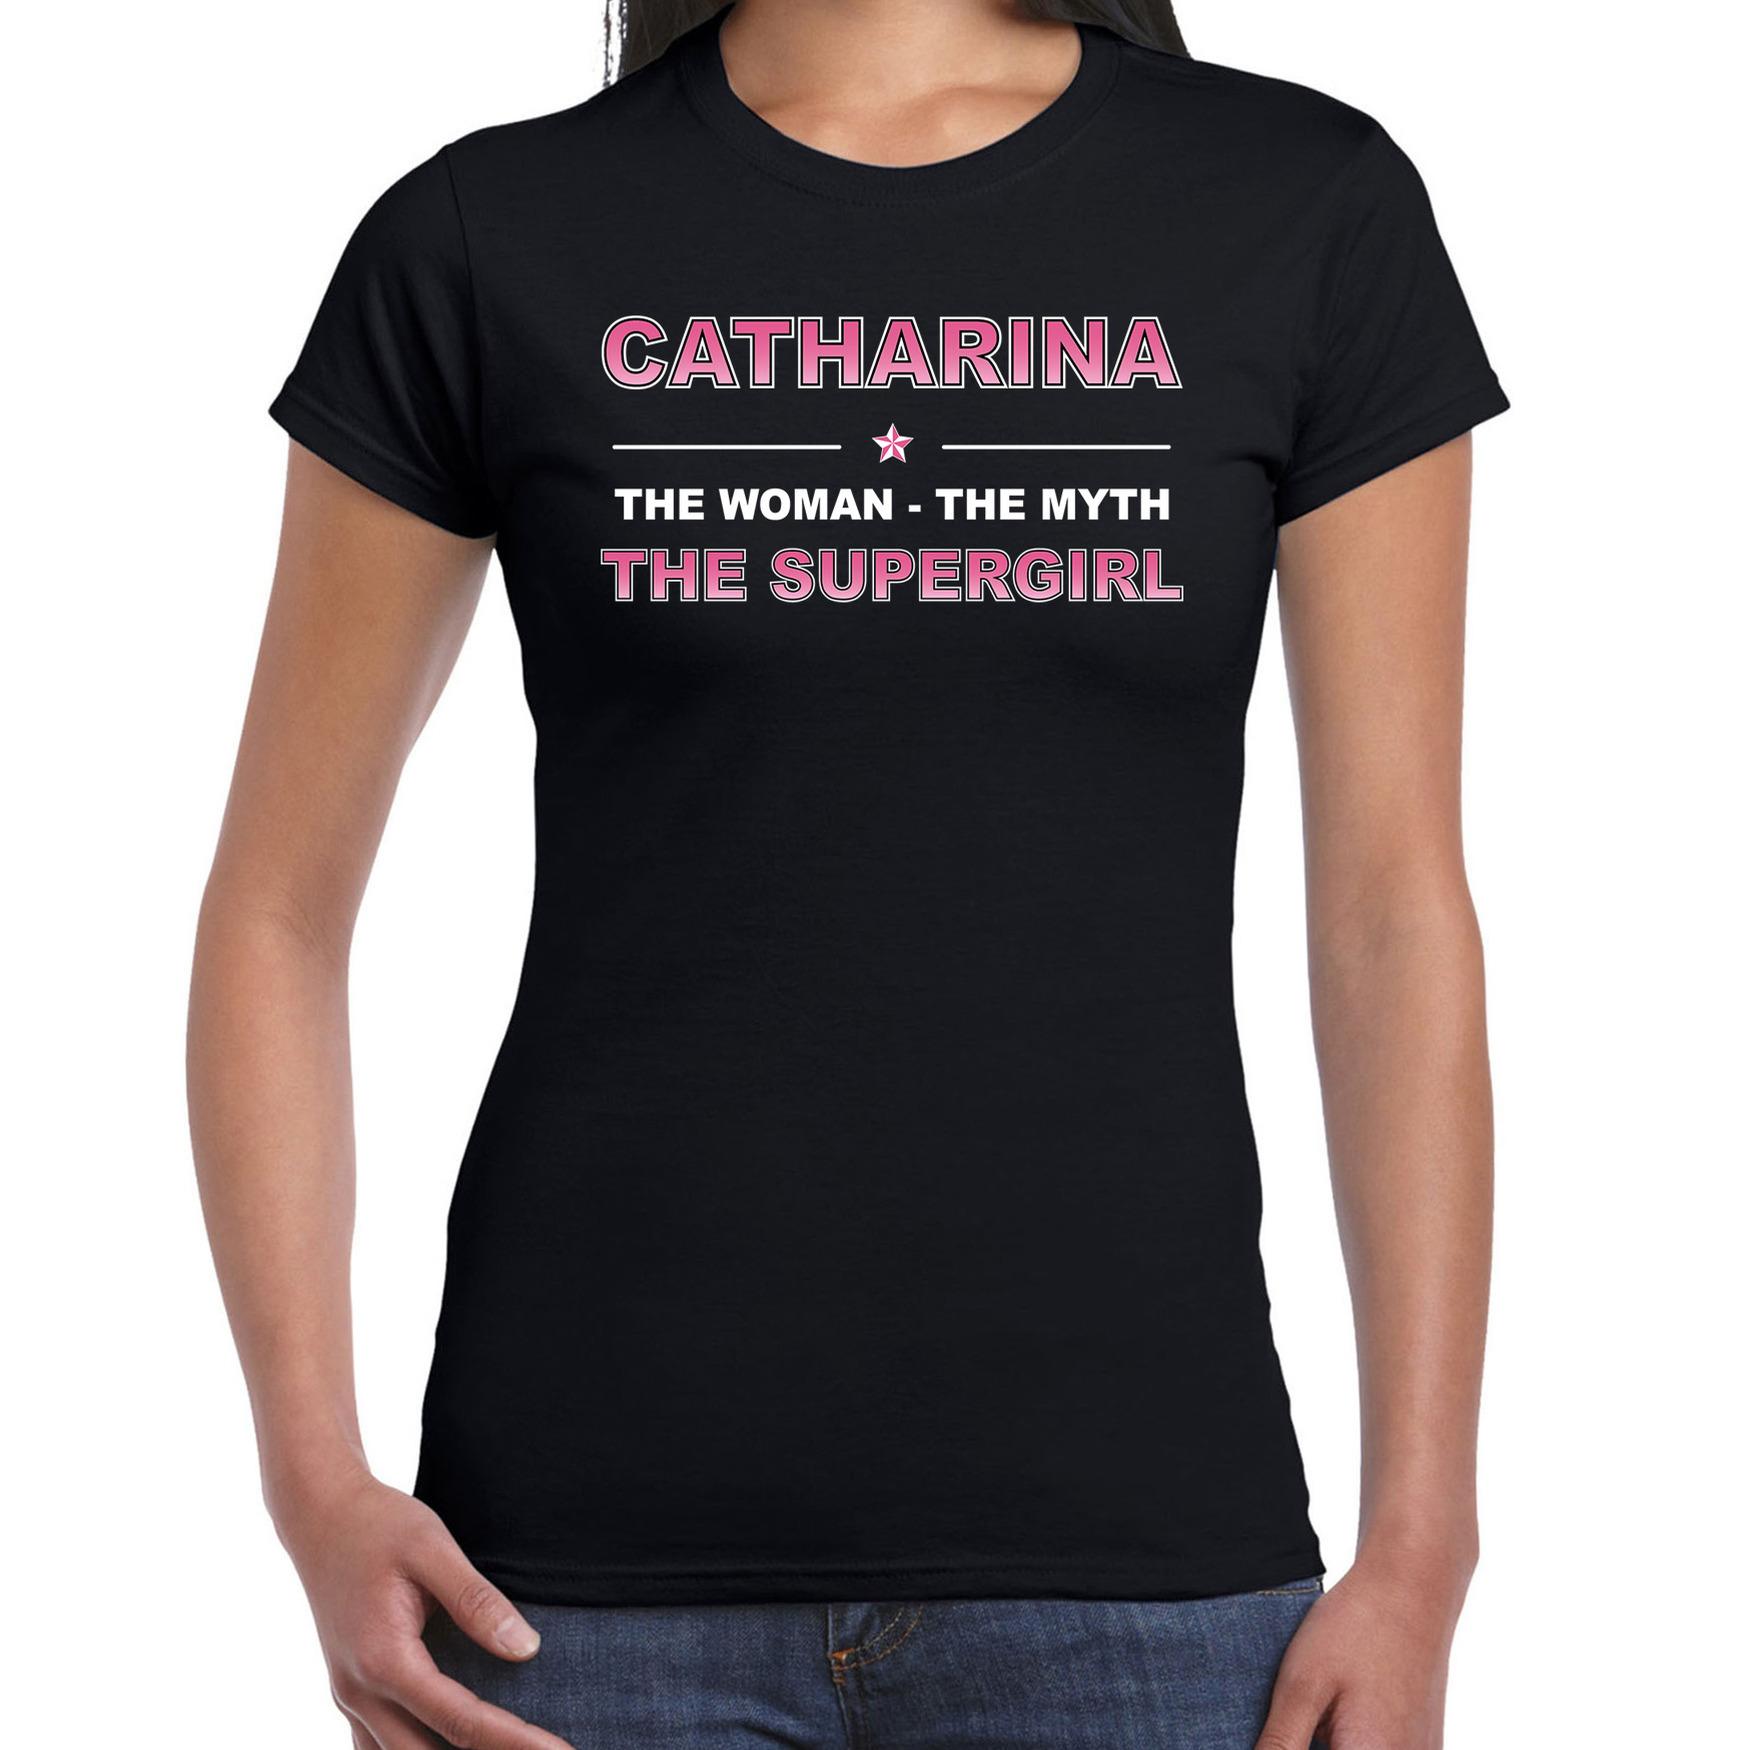 Naam cadeau t-shirt / shirt Catharina - the supergirl zwart voor dames